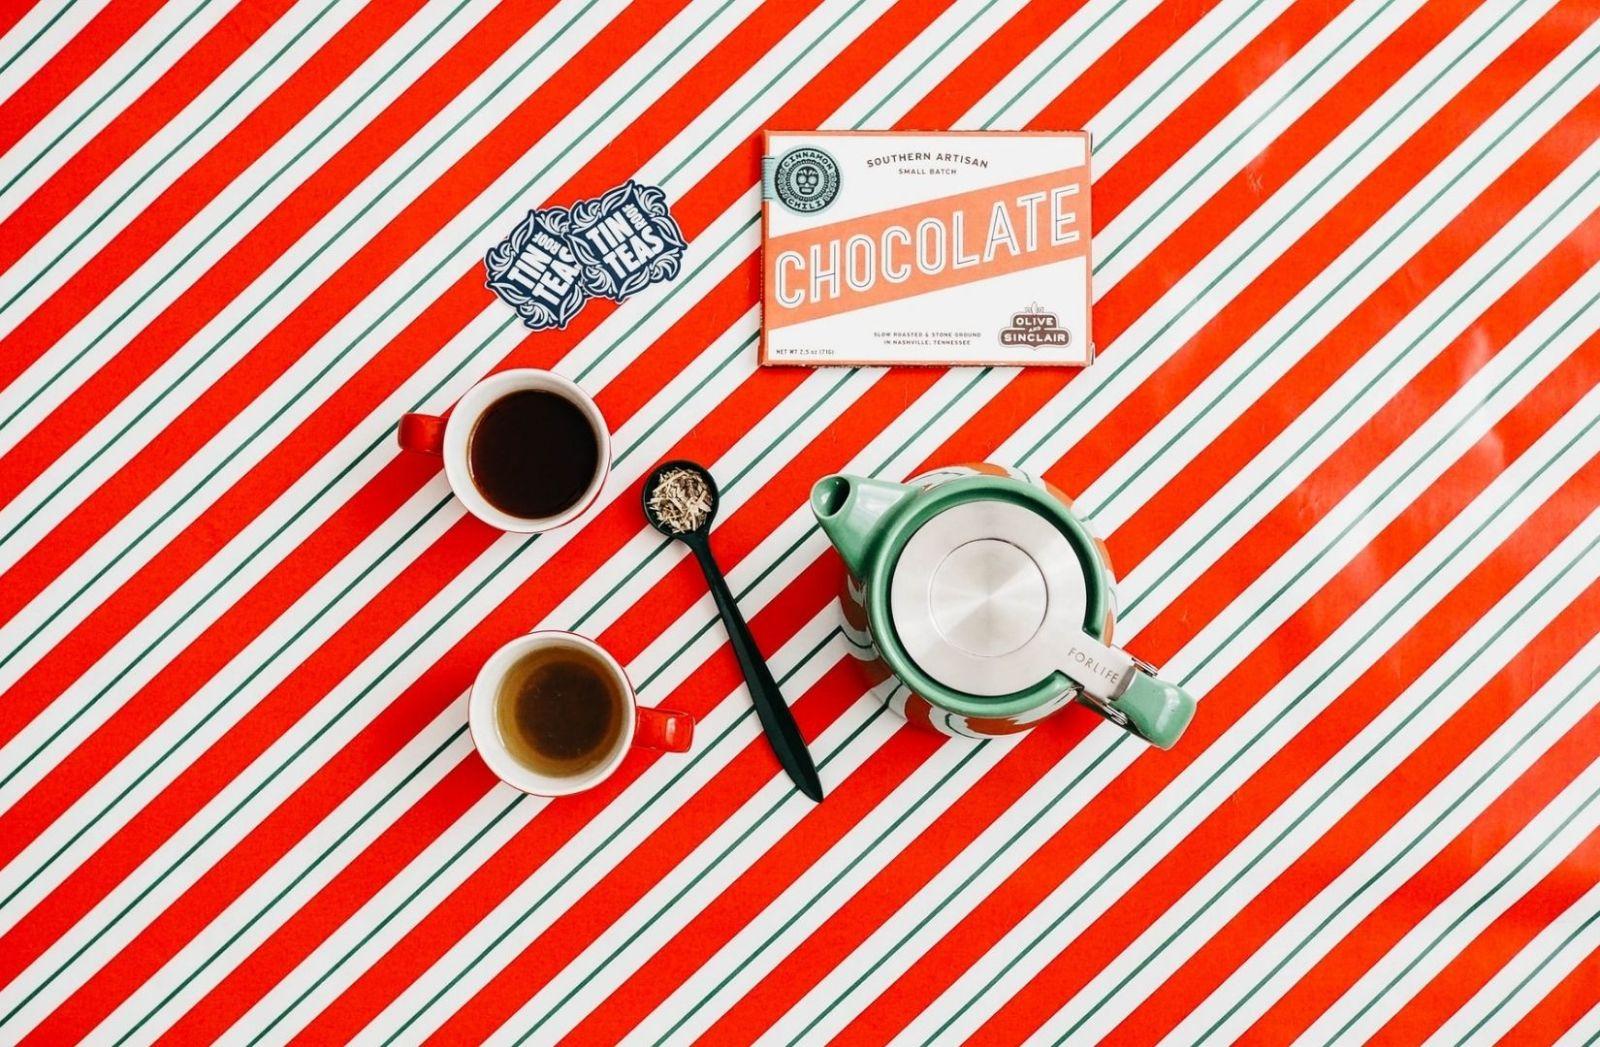 Schokolade und Kaffee. (Foto: The Creative Exchange, Unsplash.com)